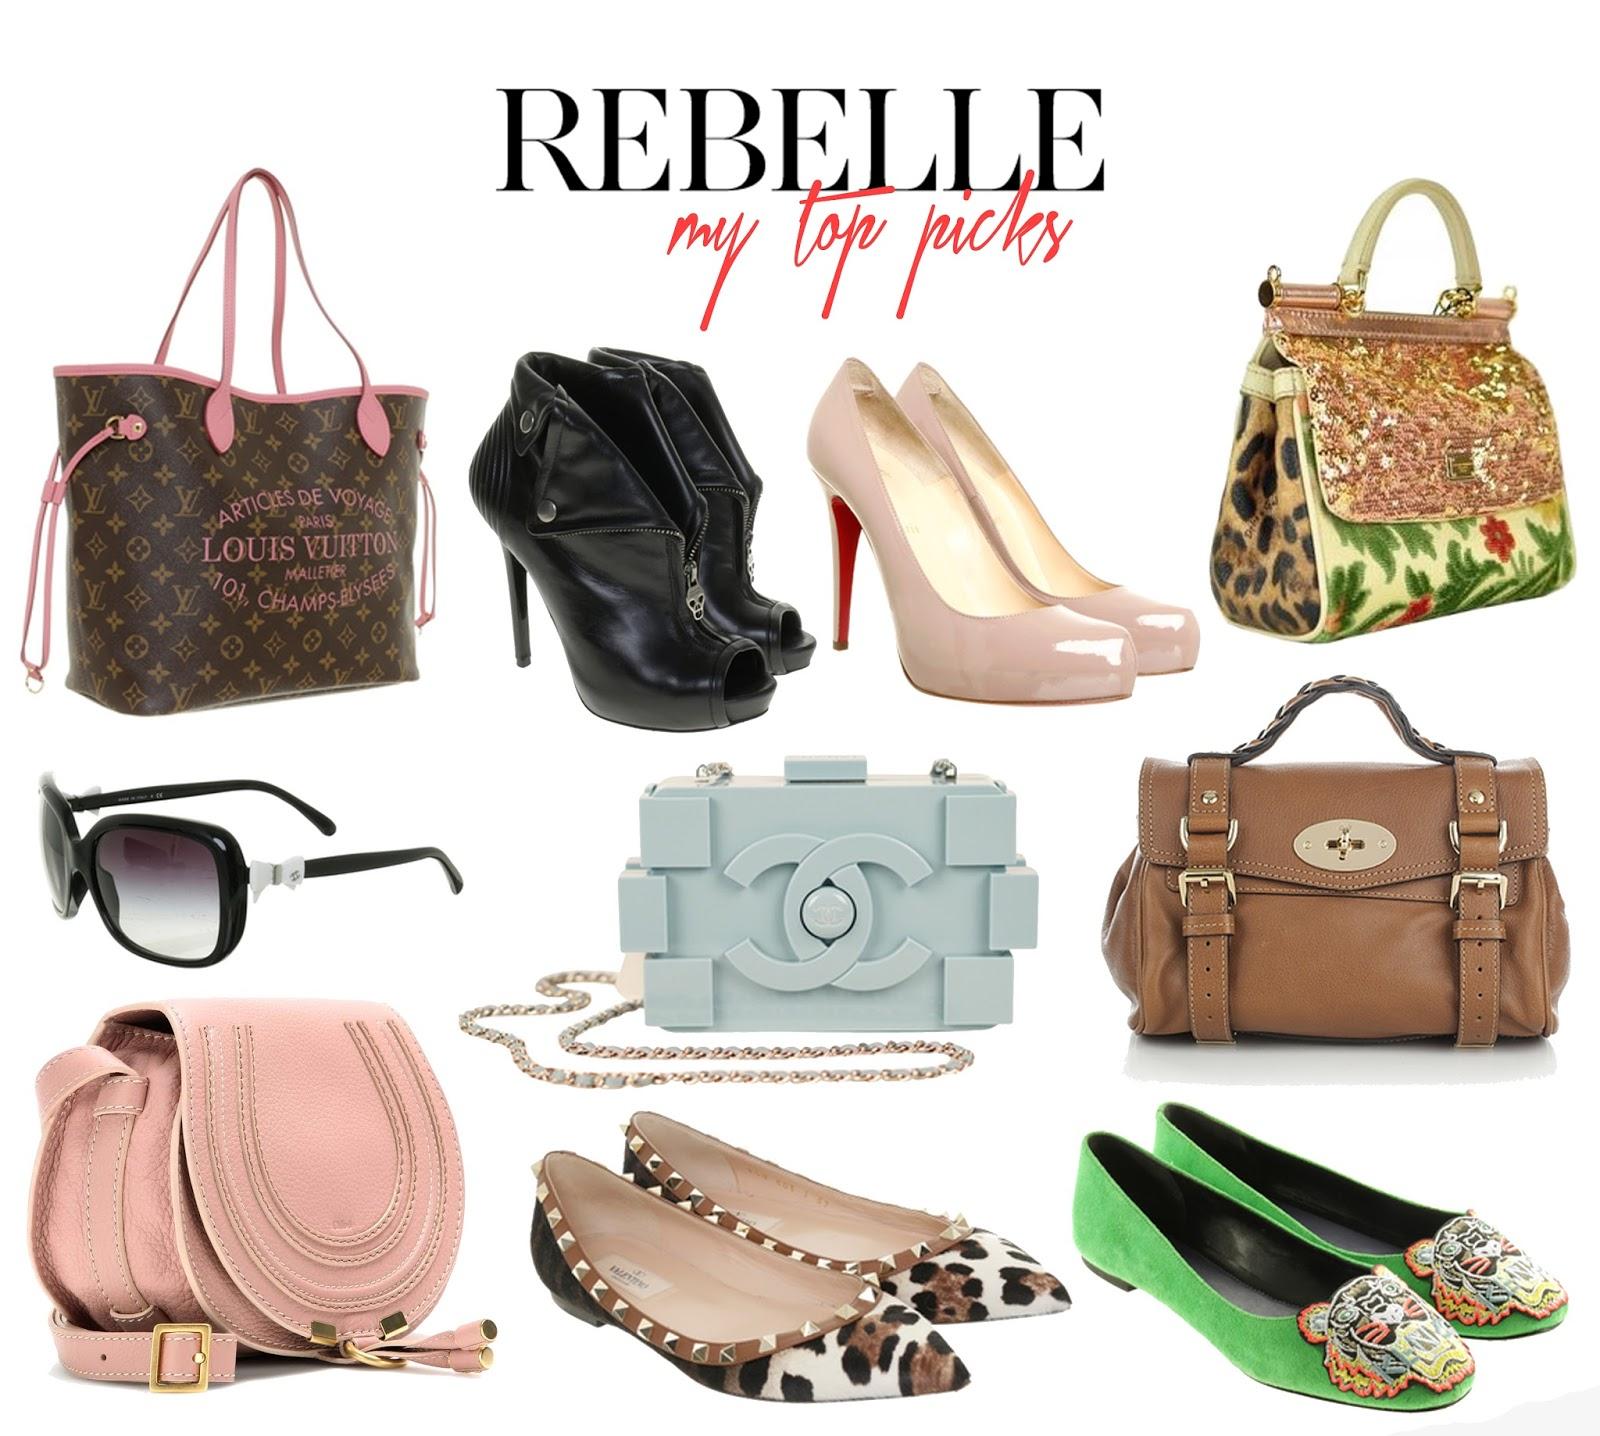 migliori scarpe da ginnastica 5ba80 0af34 Fashion: Introducing Rebelle